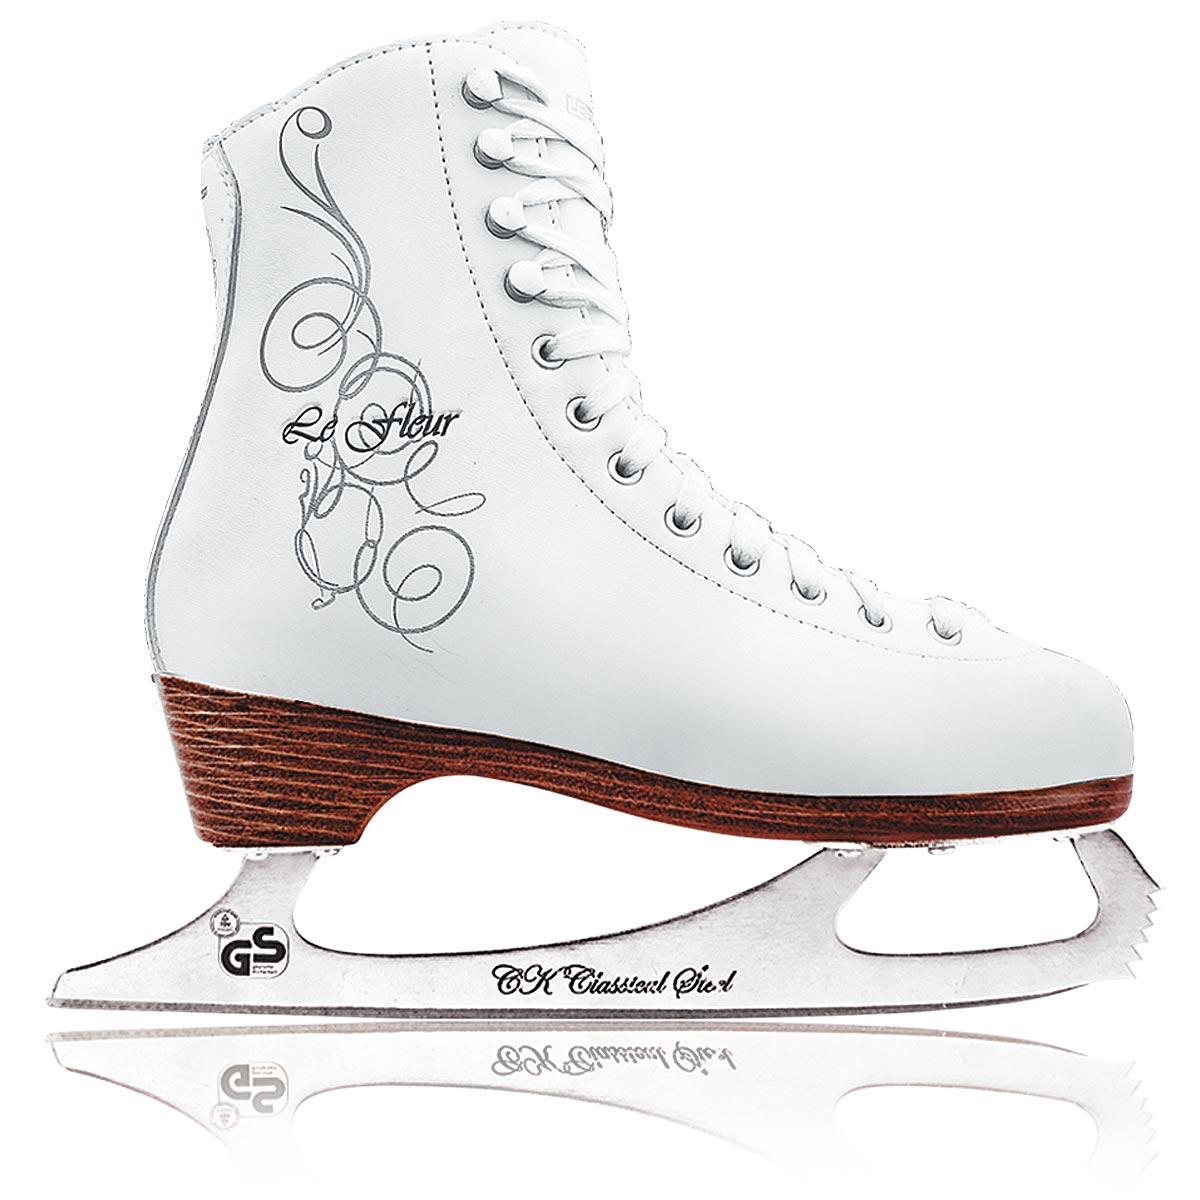 Коньки фигурные для девочки СК Le Fleur Leather 100%, цвет: белый, серебряный. Размер 30